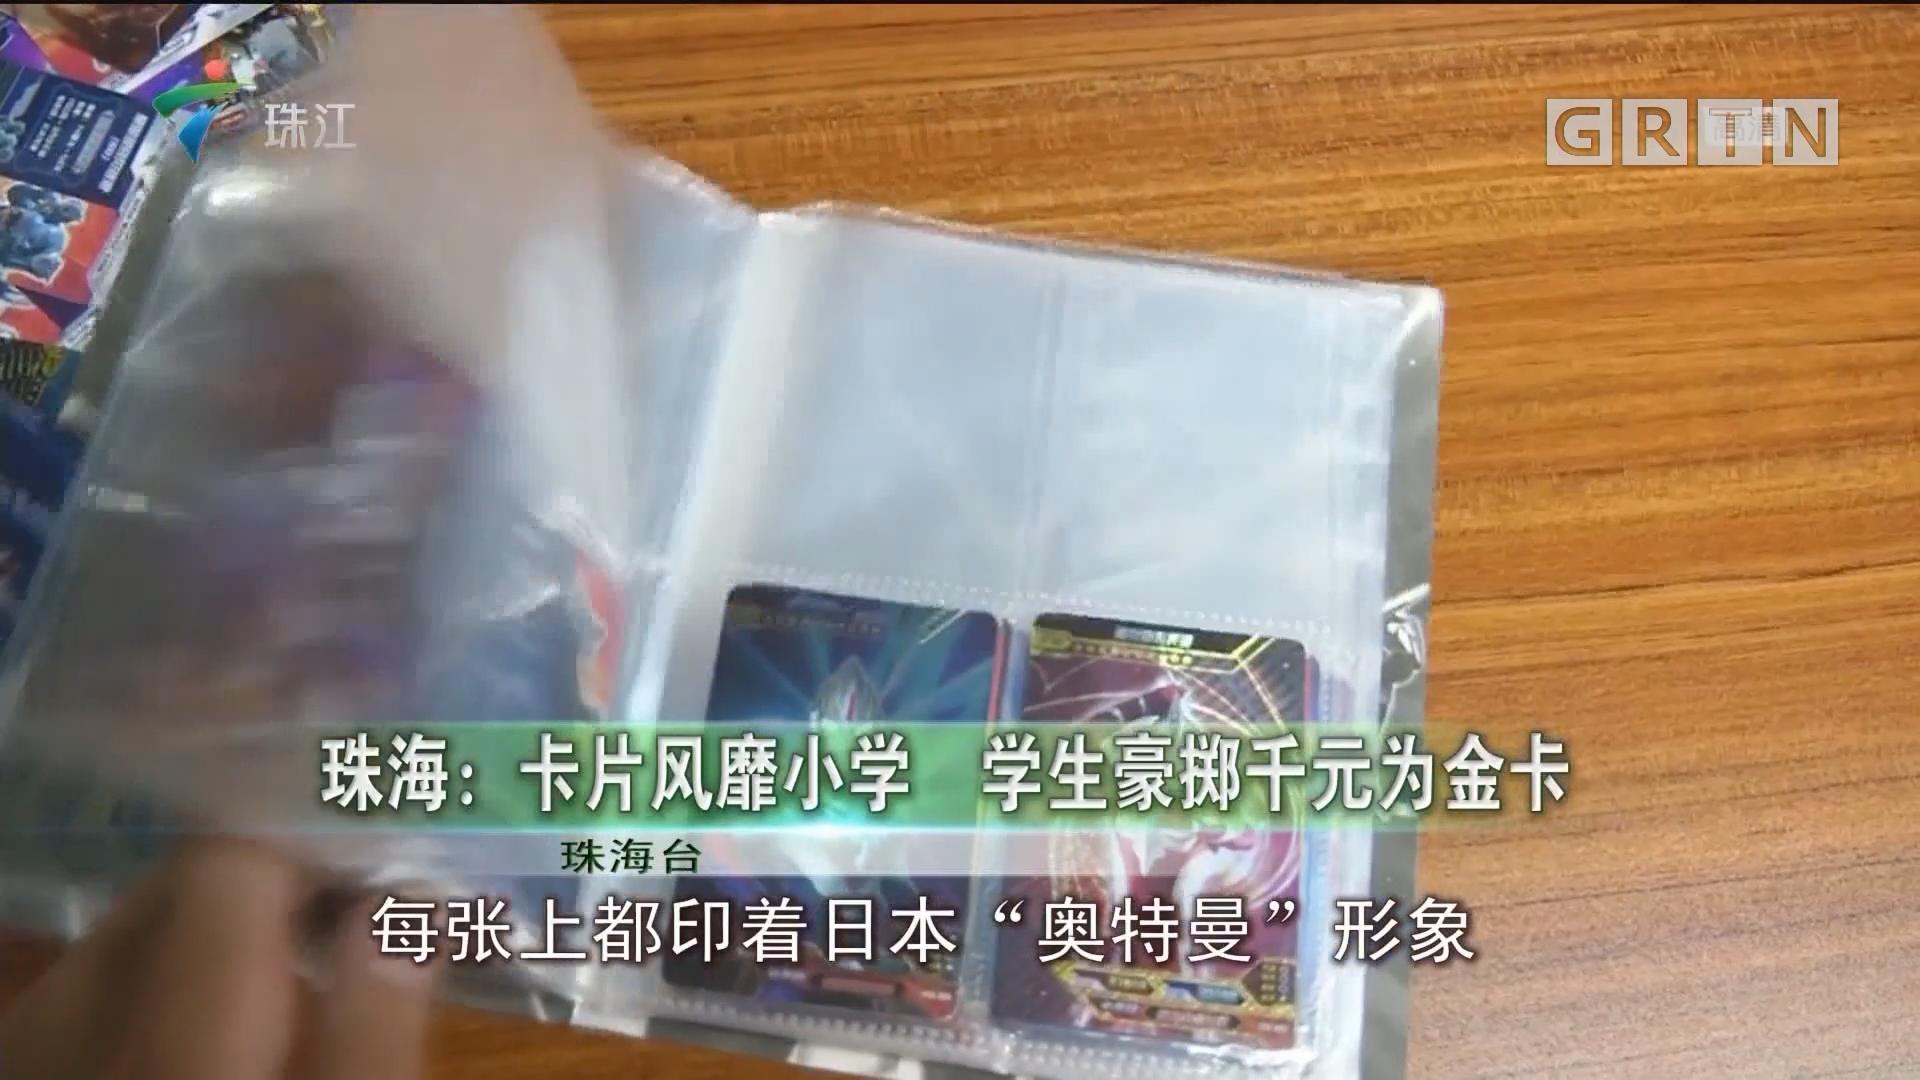 珠海:卡片风靡小学 学生豪掷千元为金卡